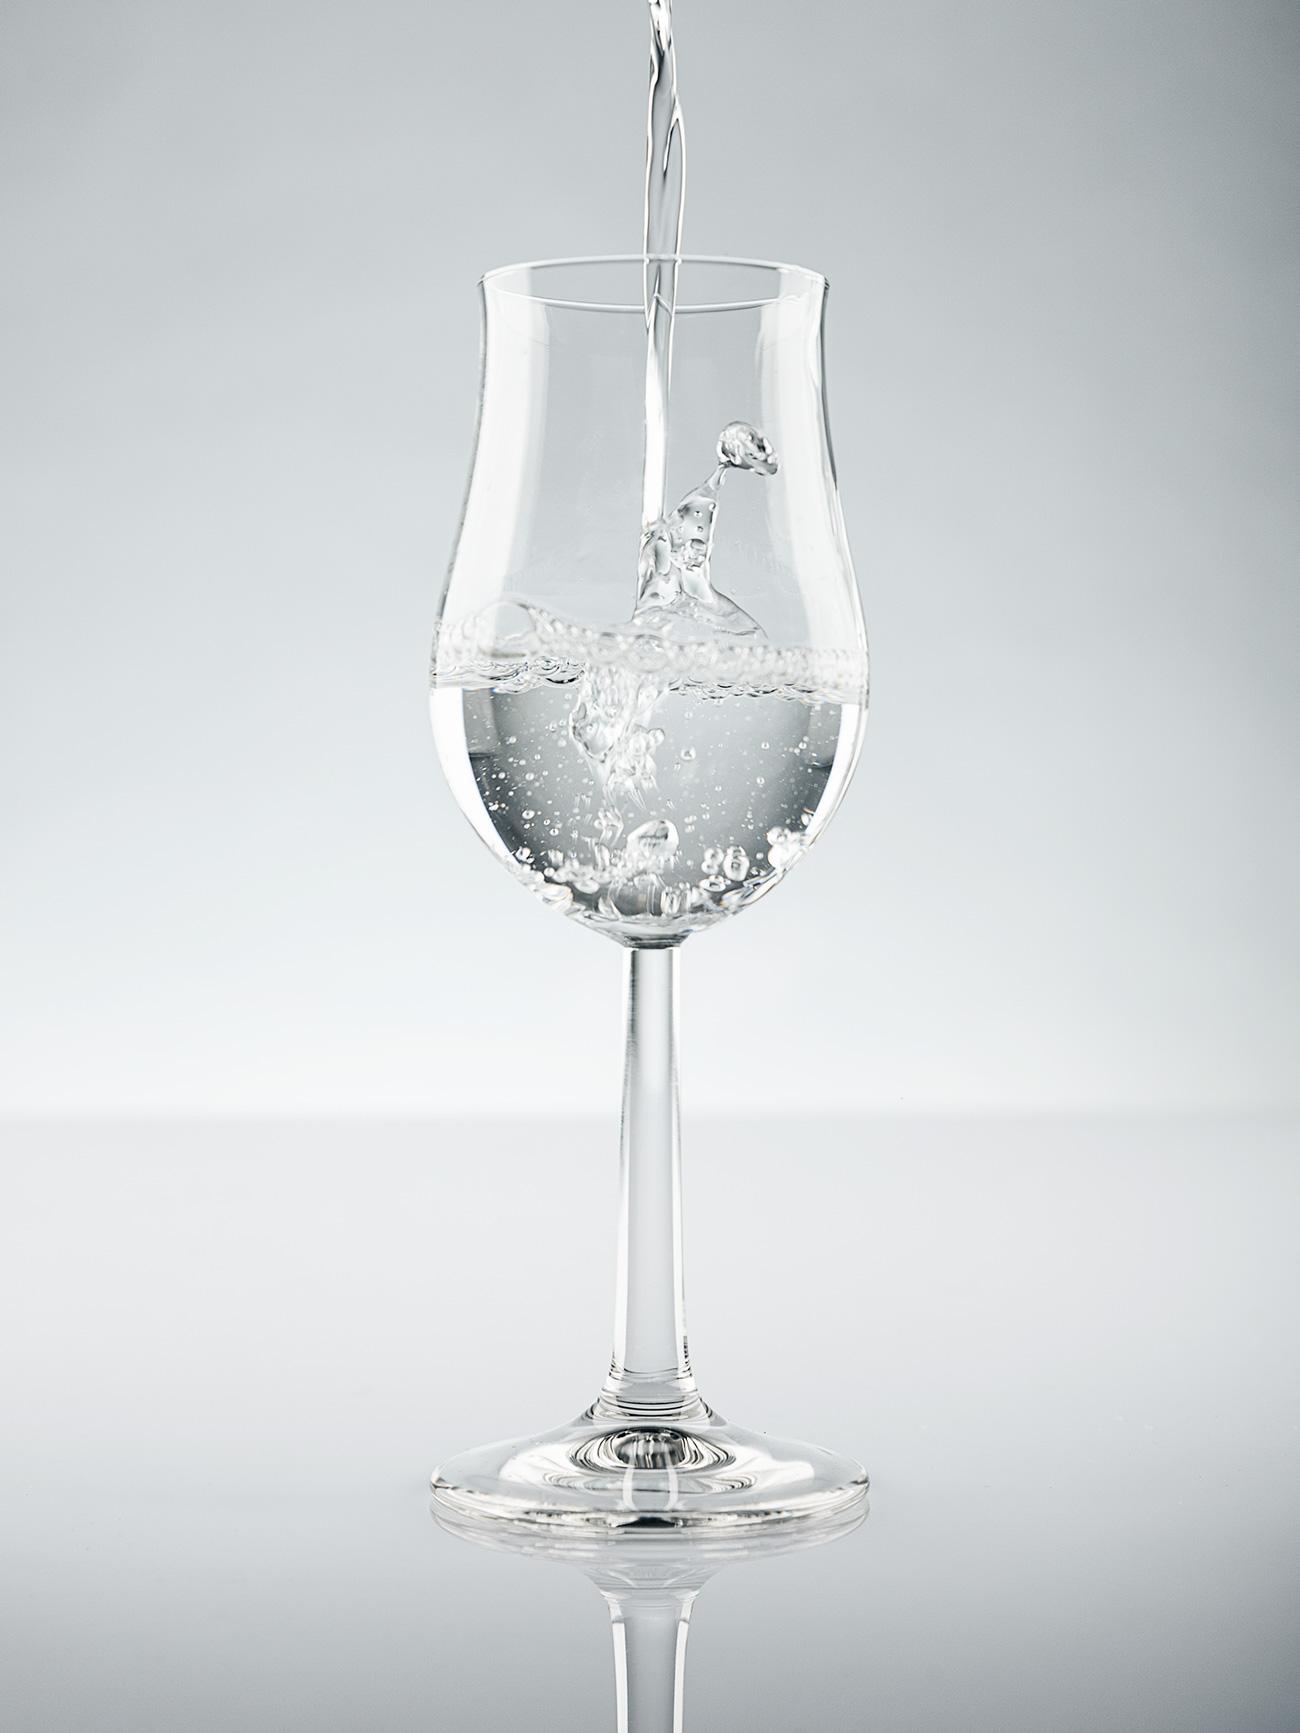 Ein Degustationsglas mit klarem Rum von Ron Elba. Es wird gerade befüllt.